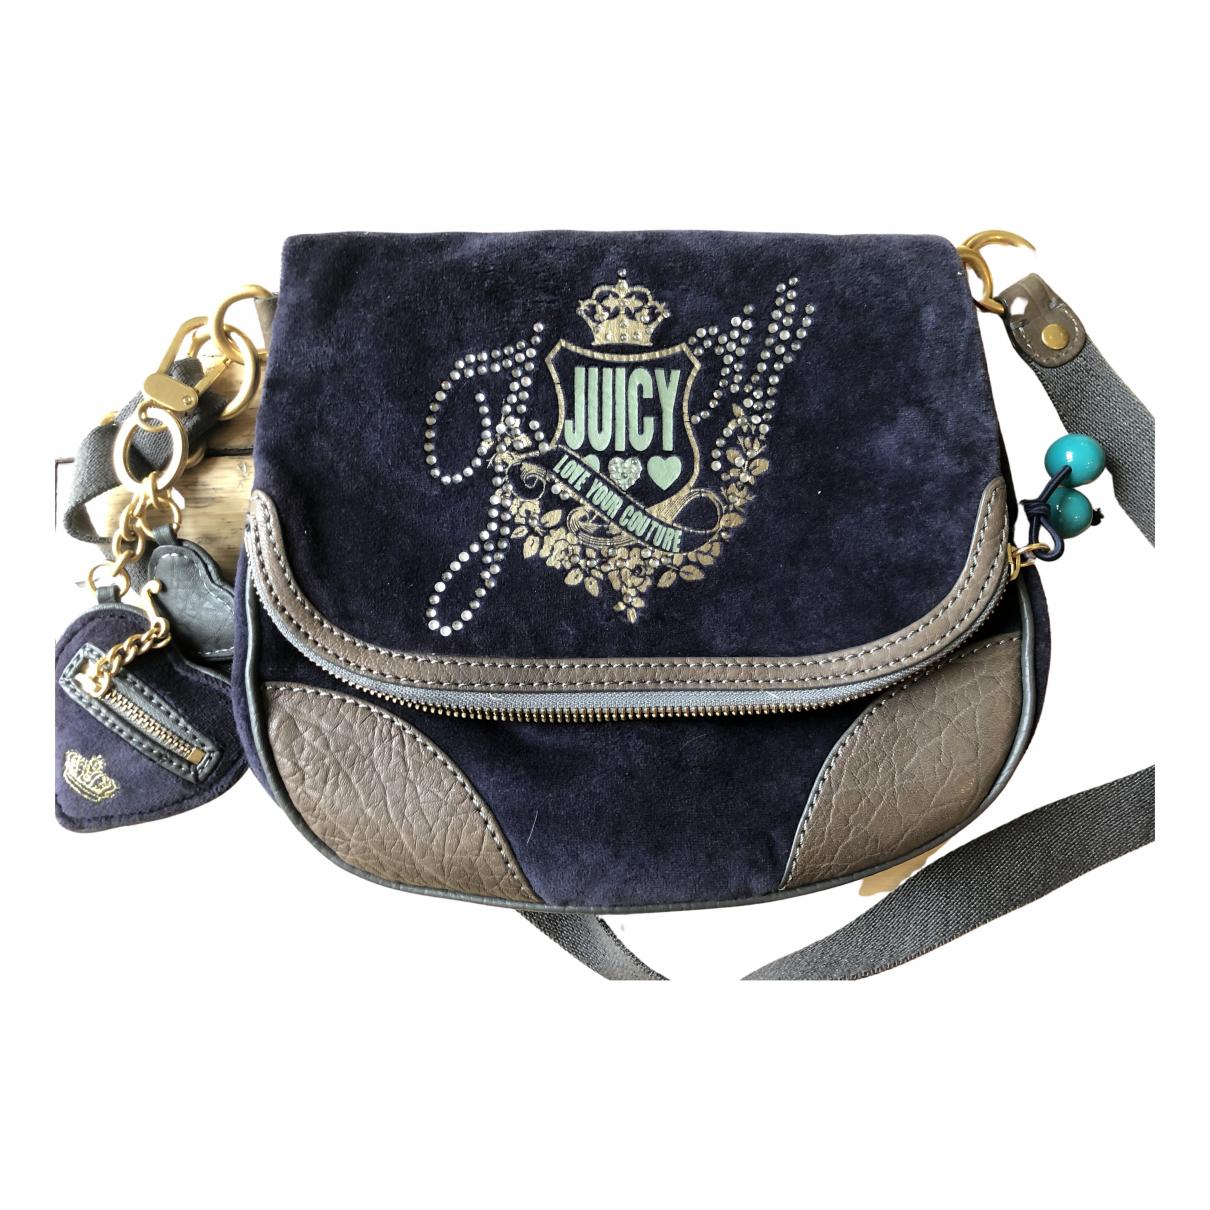 Juicy Couture - Sac a main   pour femme en velours - bleu